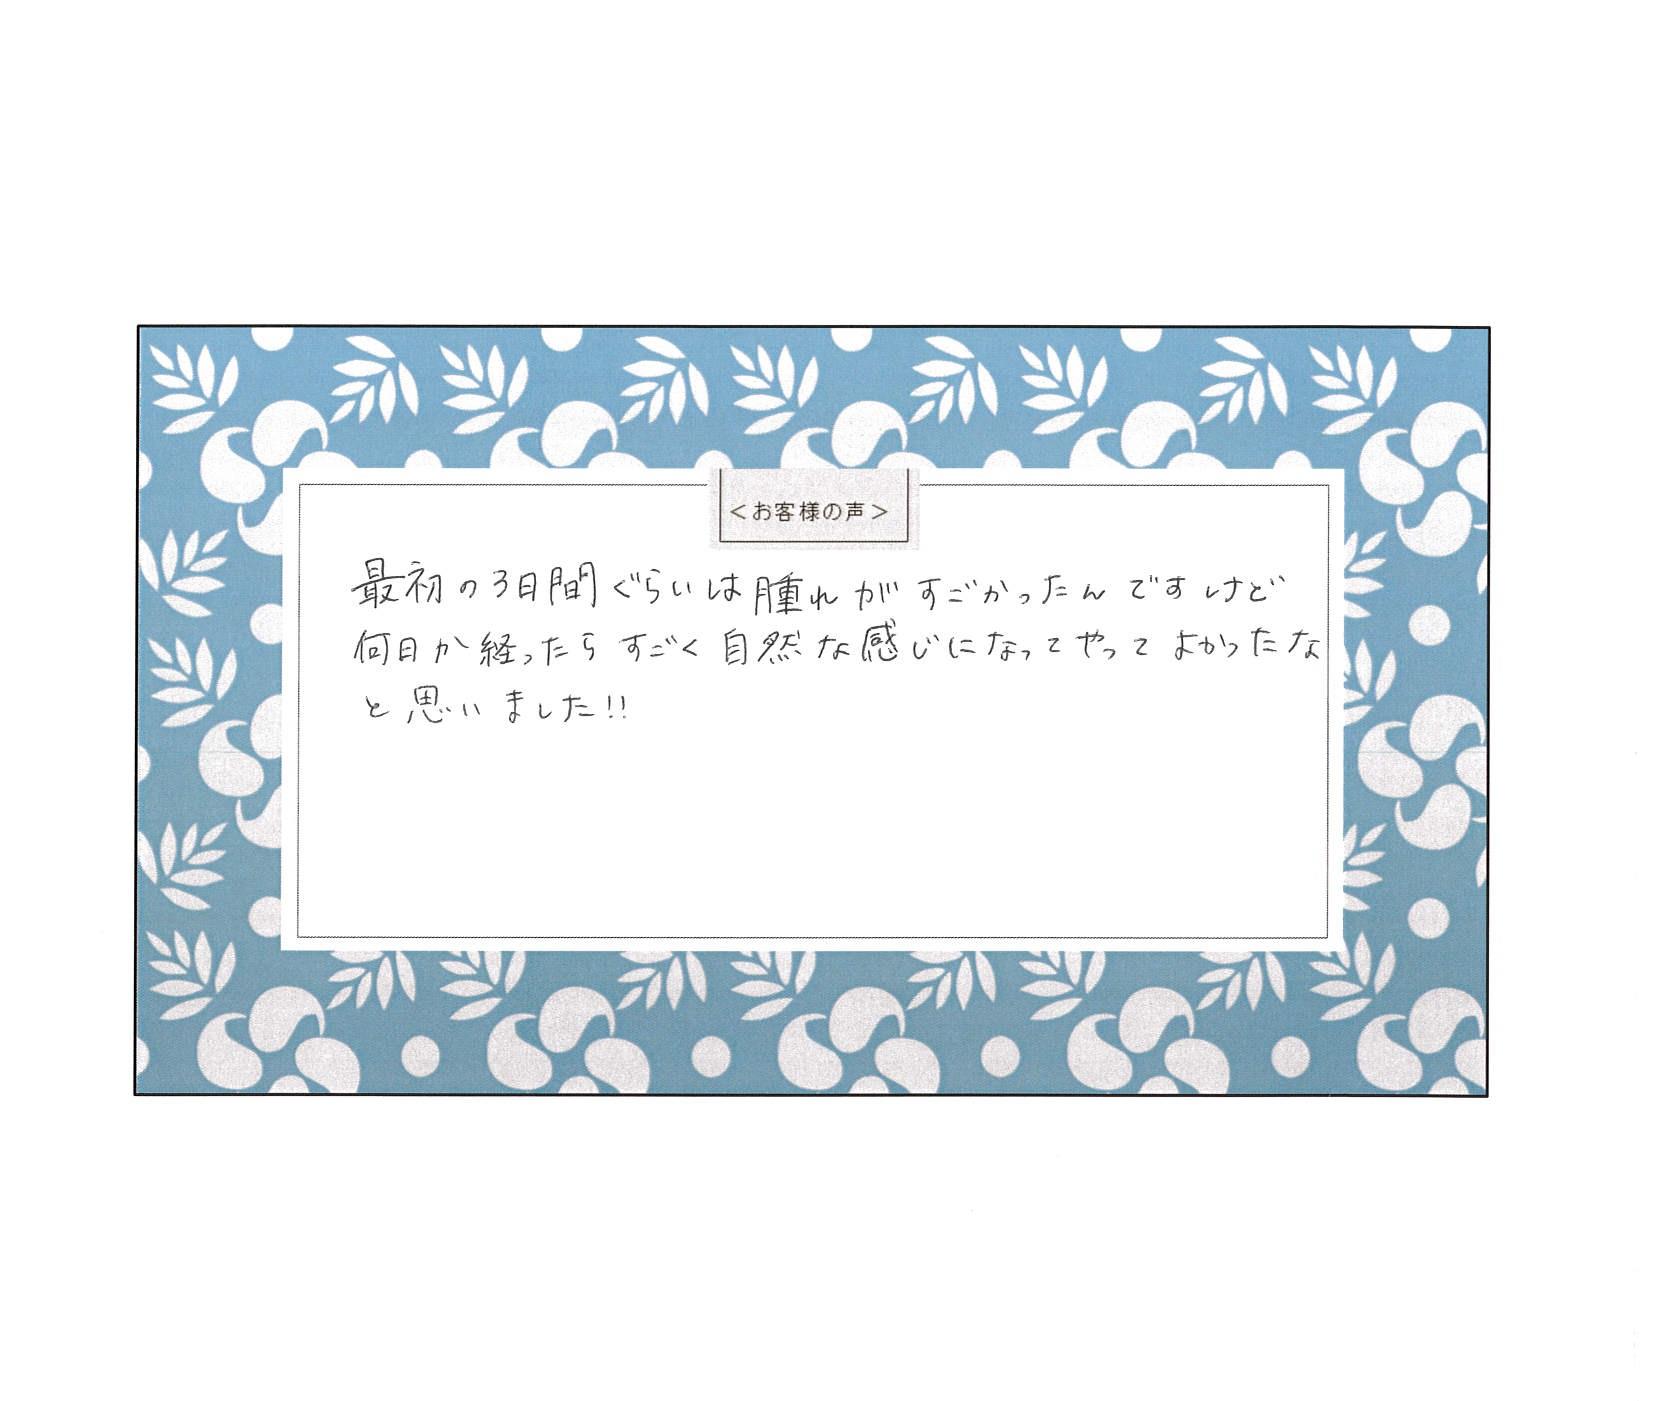 渋谷の森クリニック アンケート アートメイク 口コミ